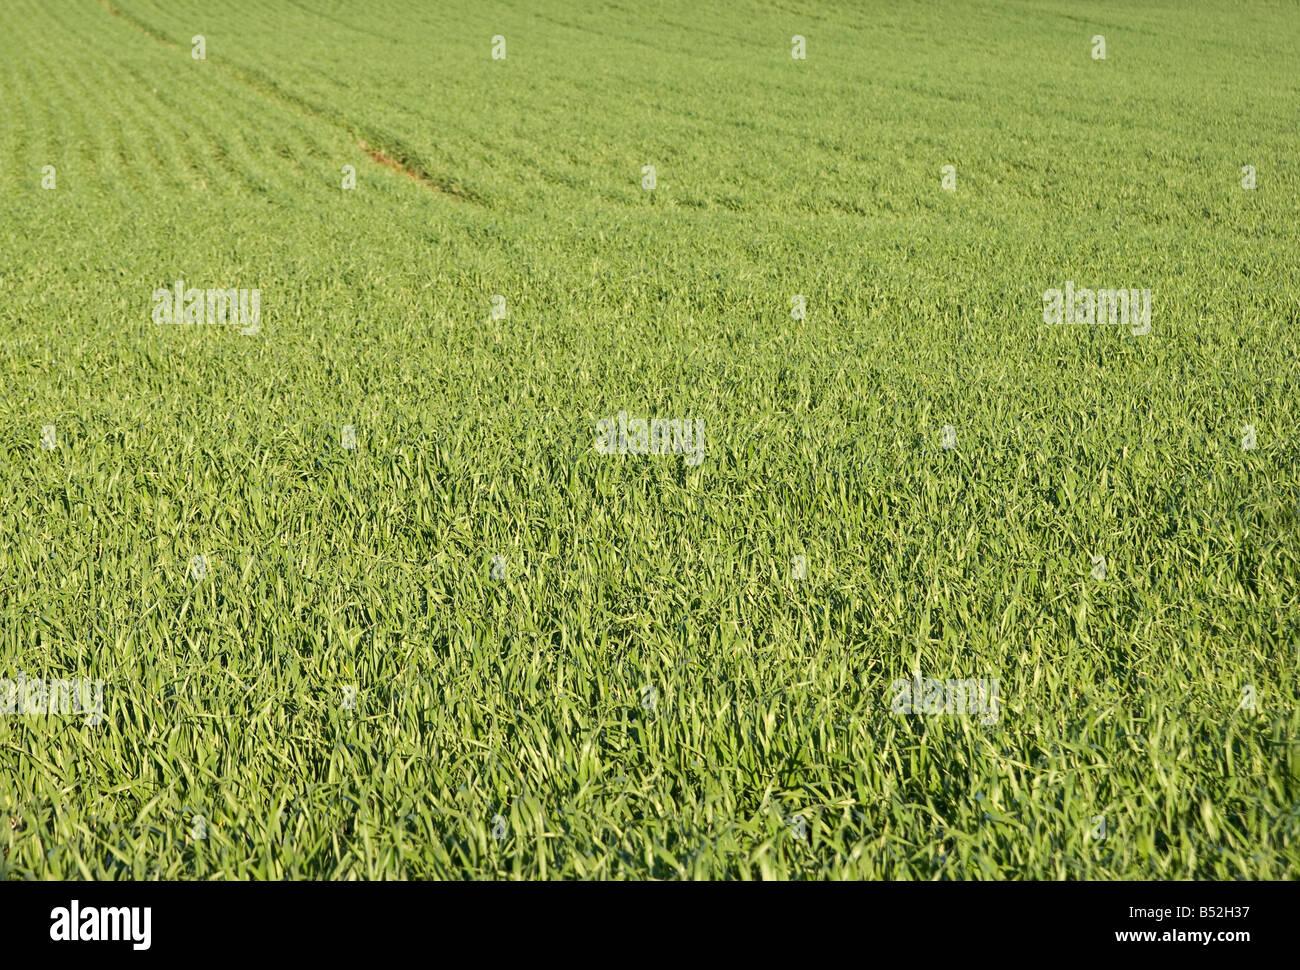 Grande immagine di un bel campo verde di erba Immagini Stock